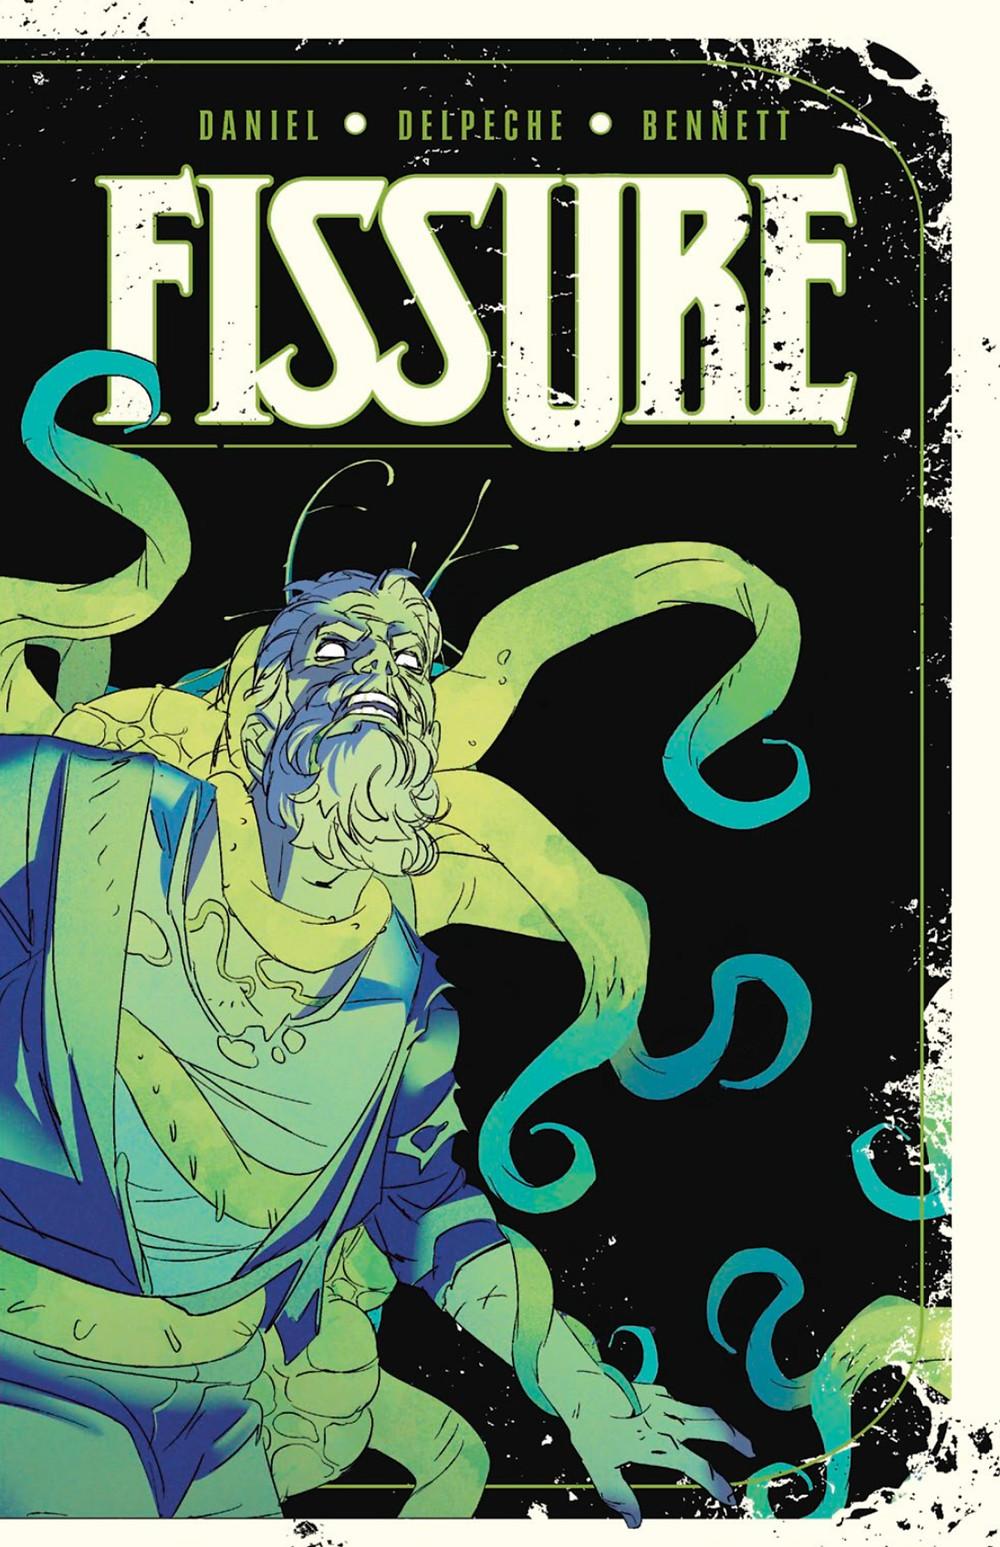 Fissure, Vol.1, cover, Vault Comics, Daniel/Delpeche